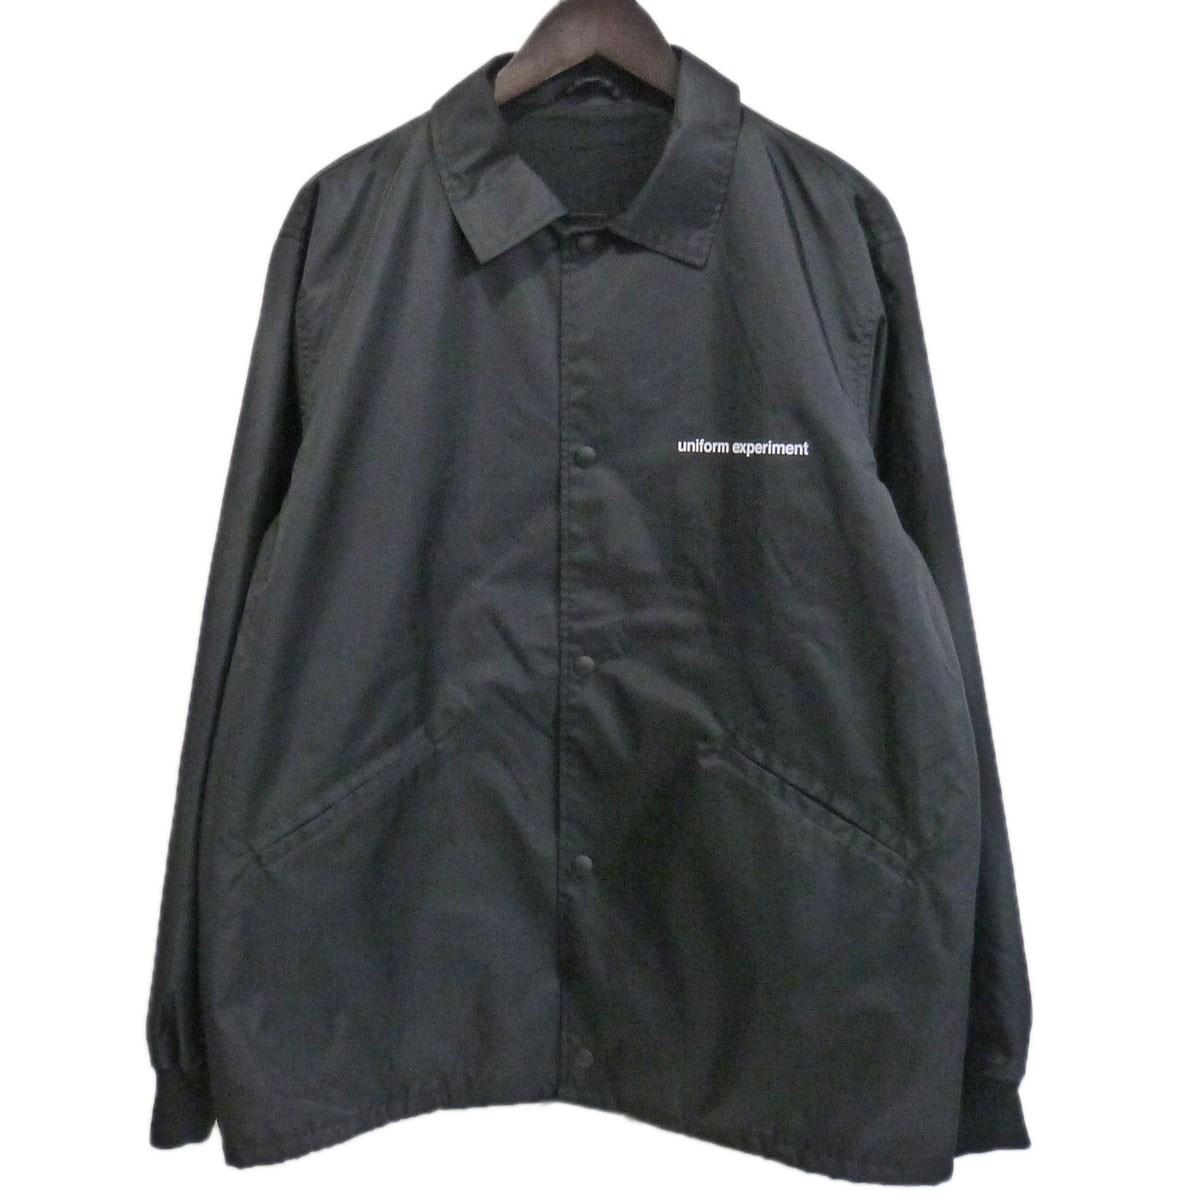 【中古】UNIFORM EXPERIMENT 17AW「BIG COACH BLOUSON」 ロゴプリントコーチジャケット ブラック サイズ:1 【010320】(ユニフォームエクスペリメント)